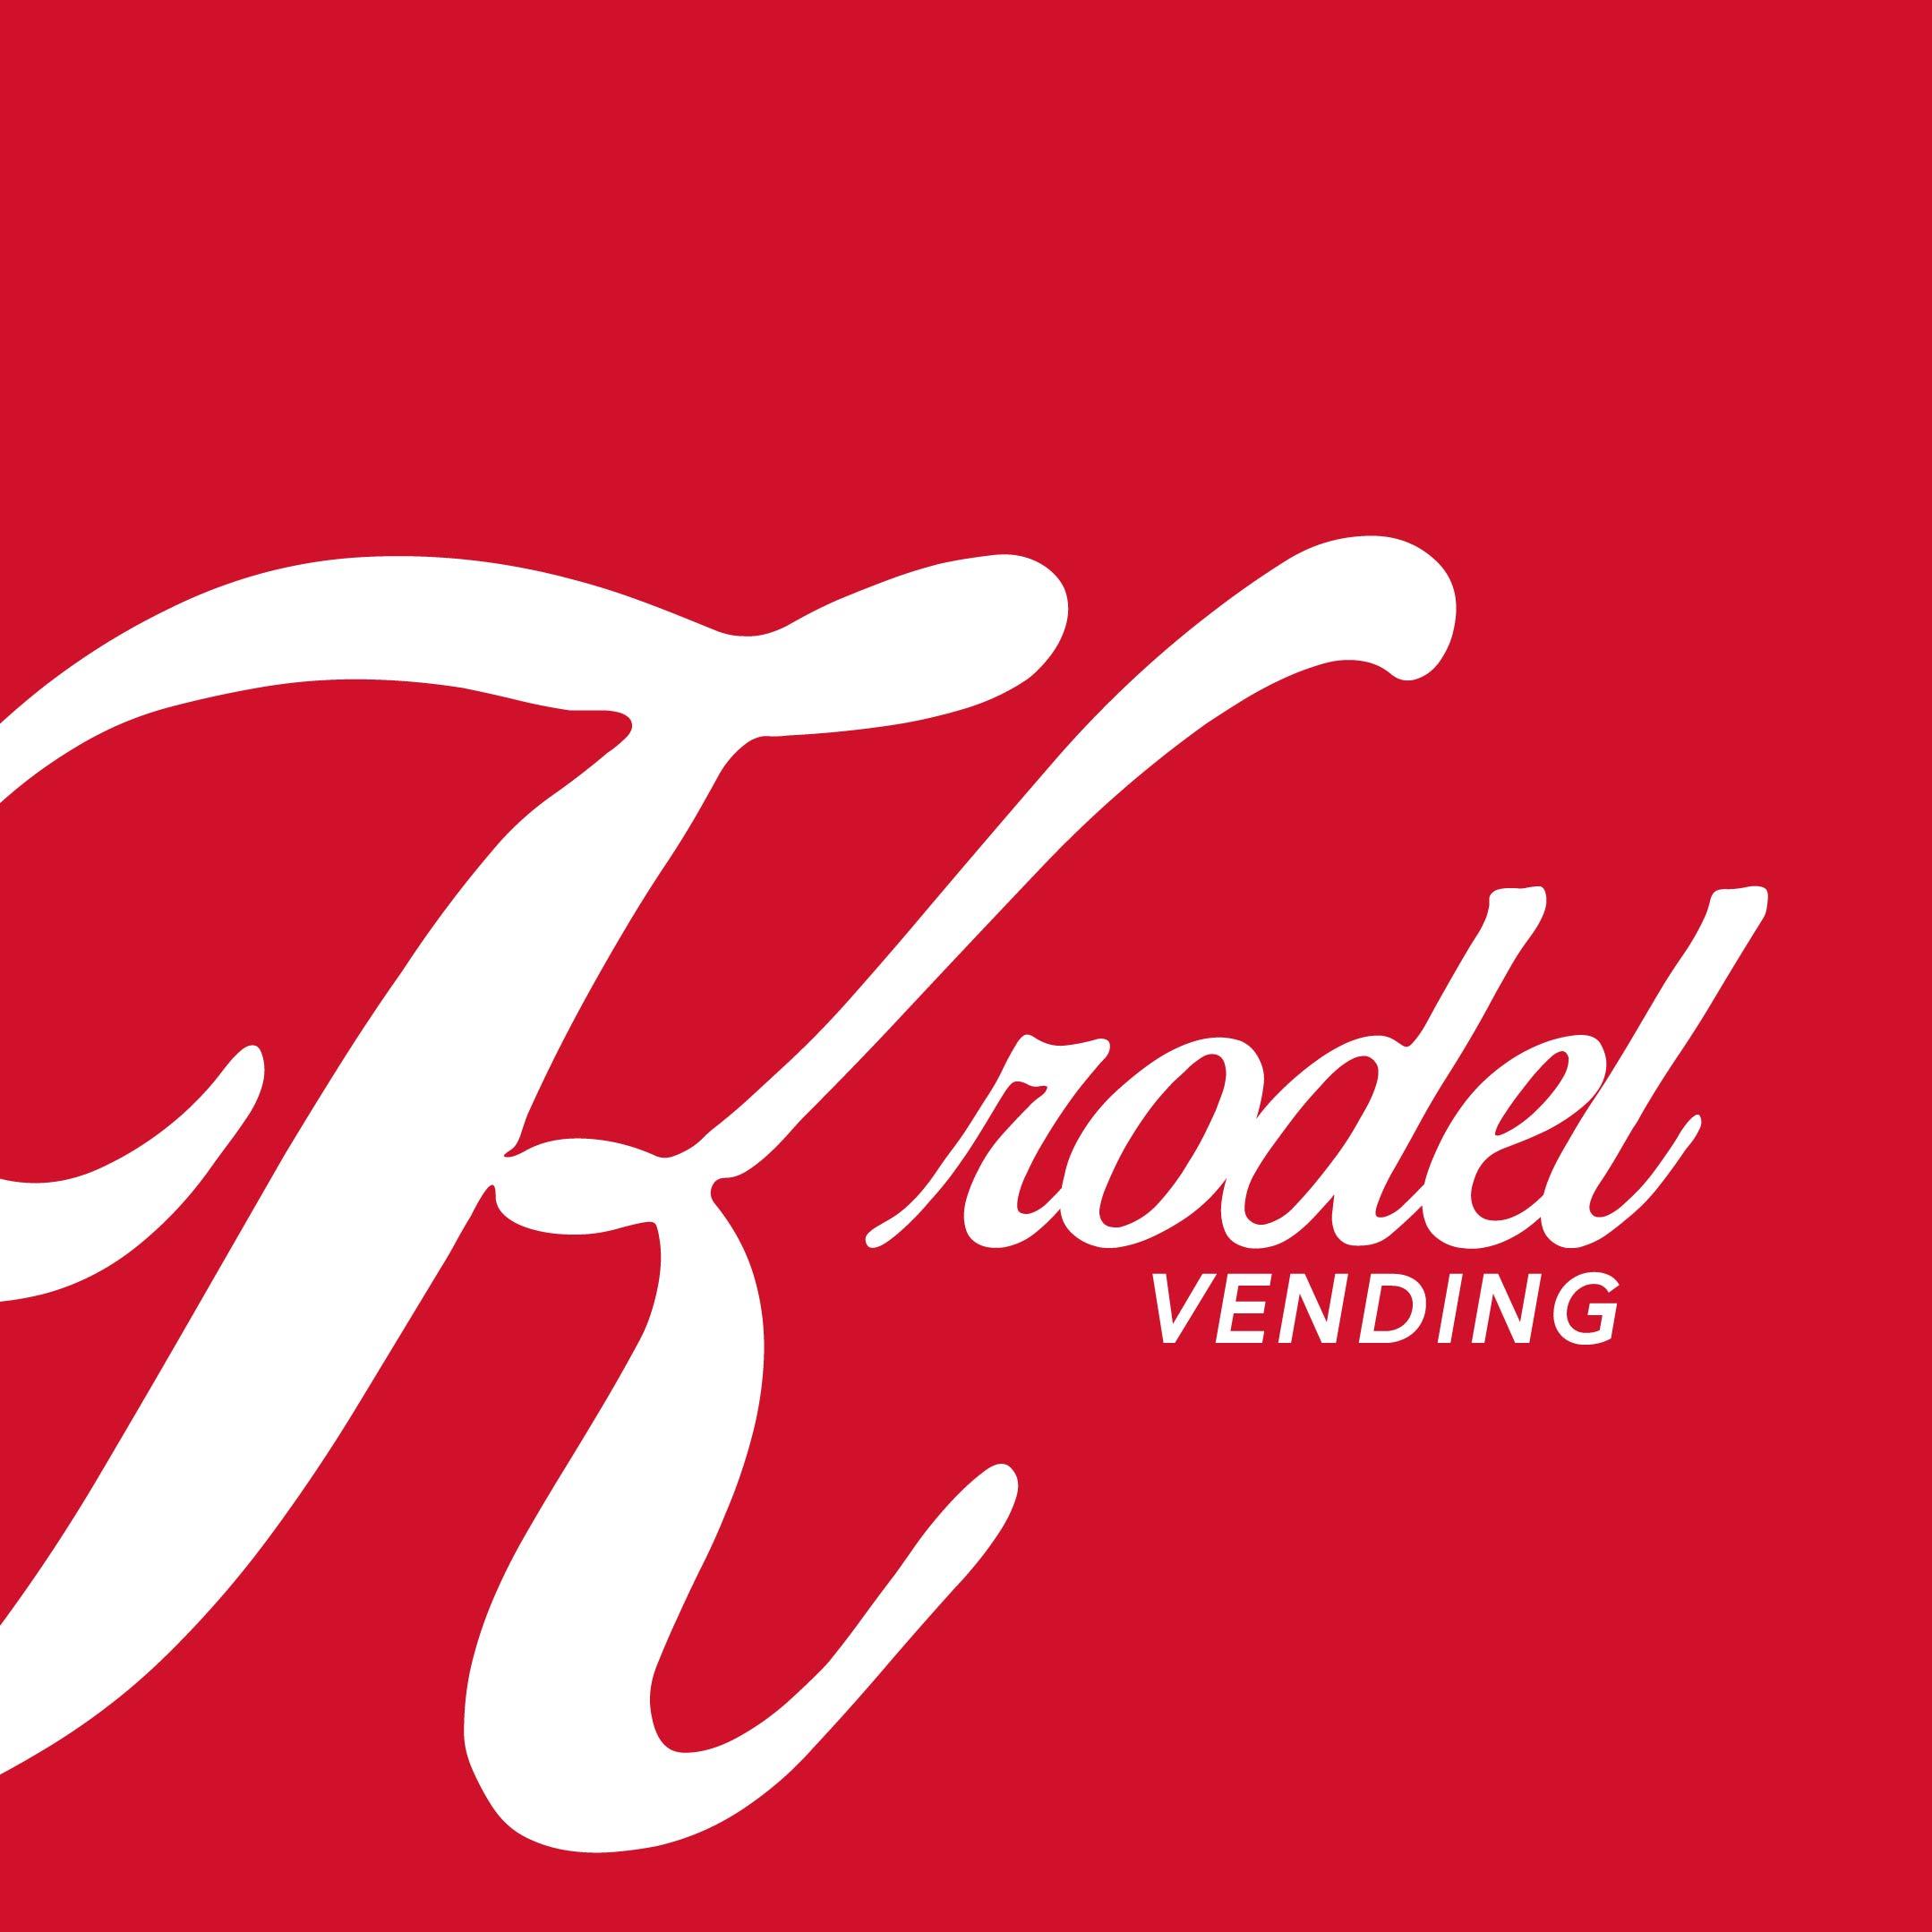 KRODEL_Vending-01